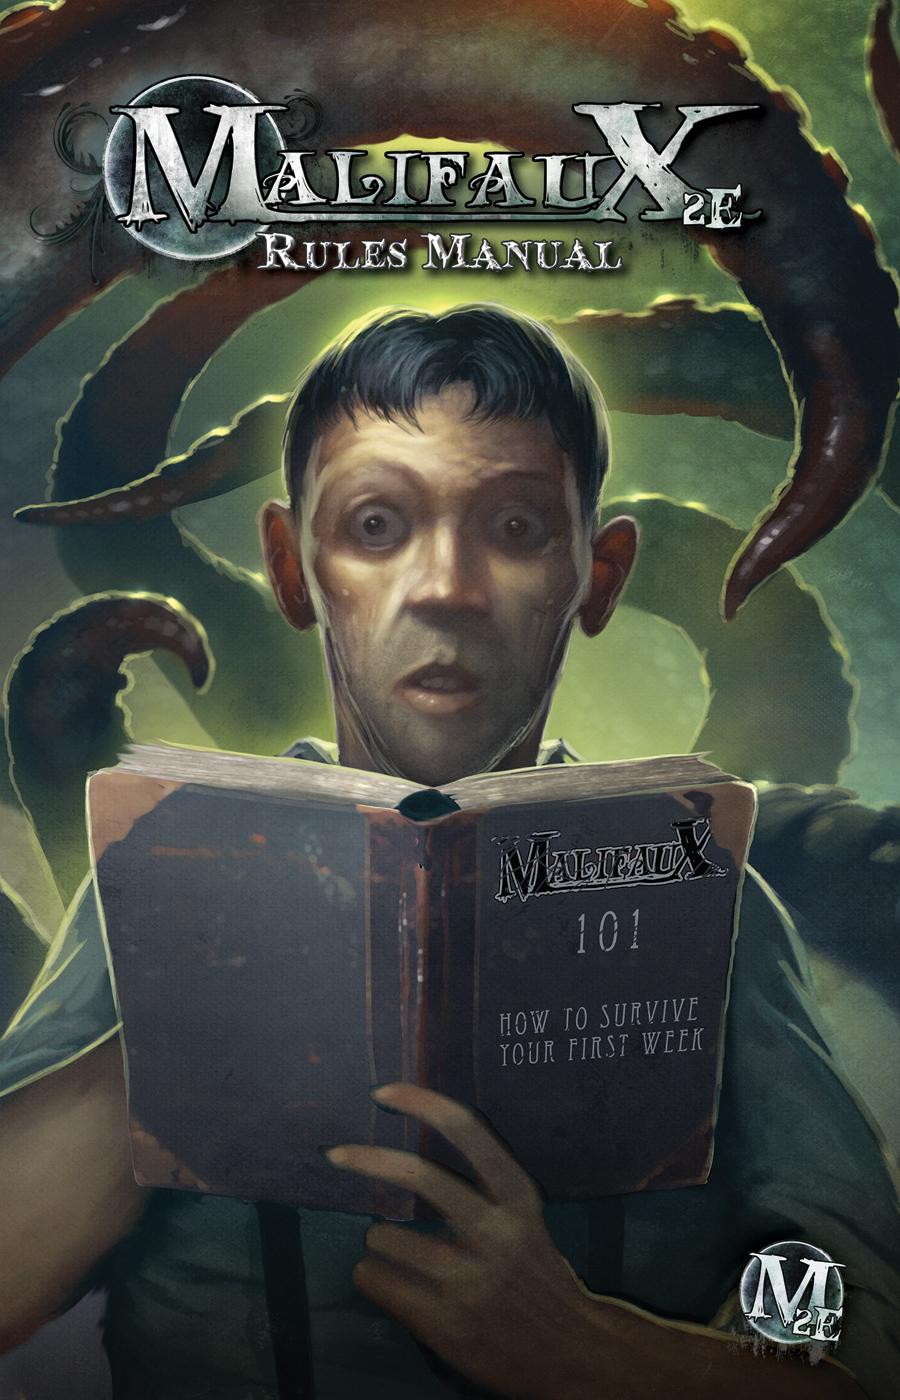 Okładka podręcznika z zasadami do gry figurkowej Malifaux.